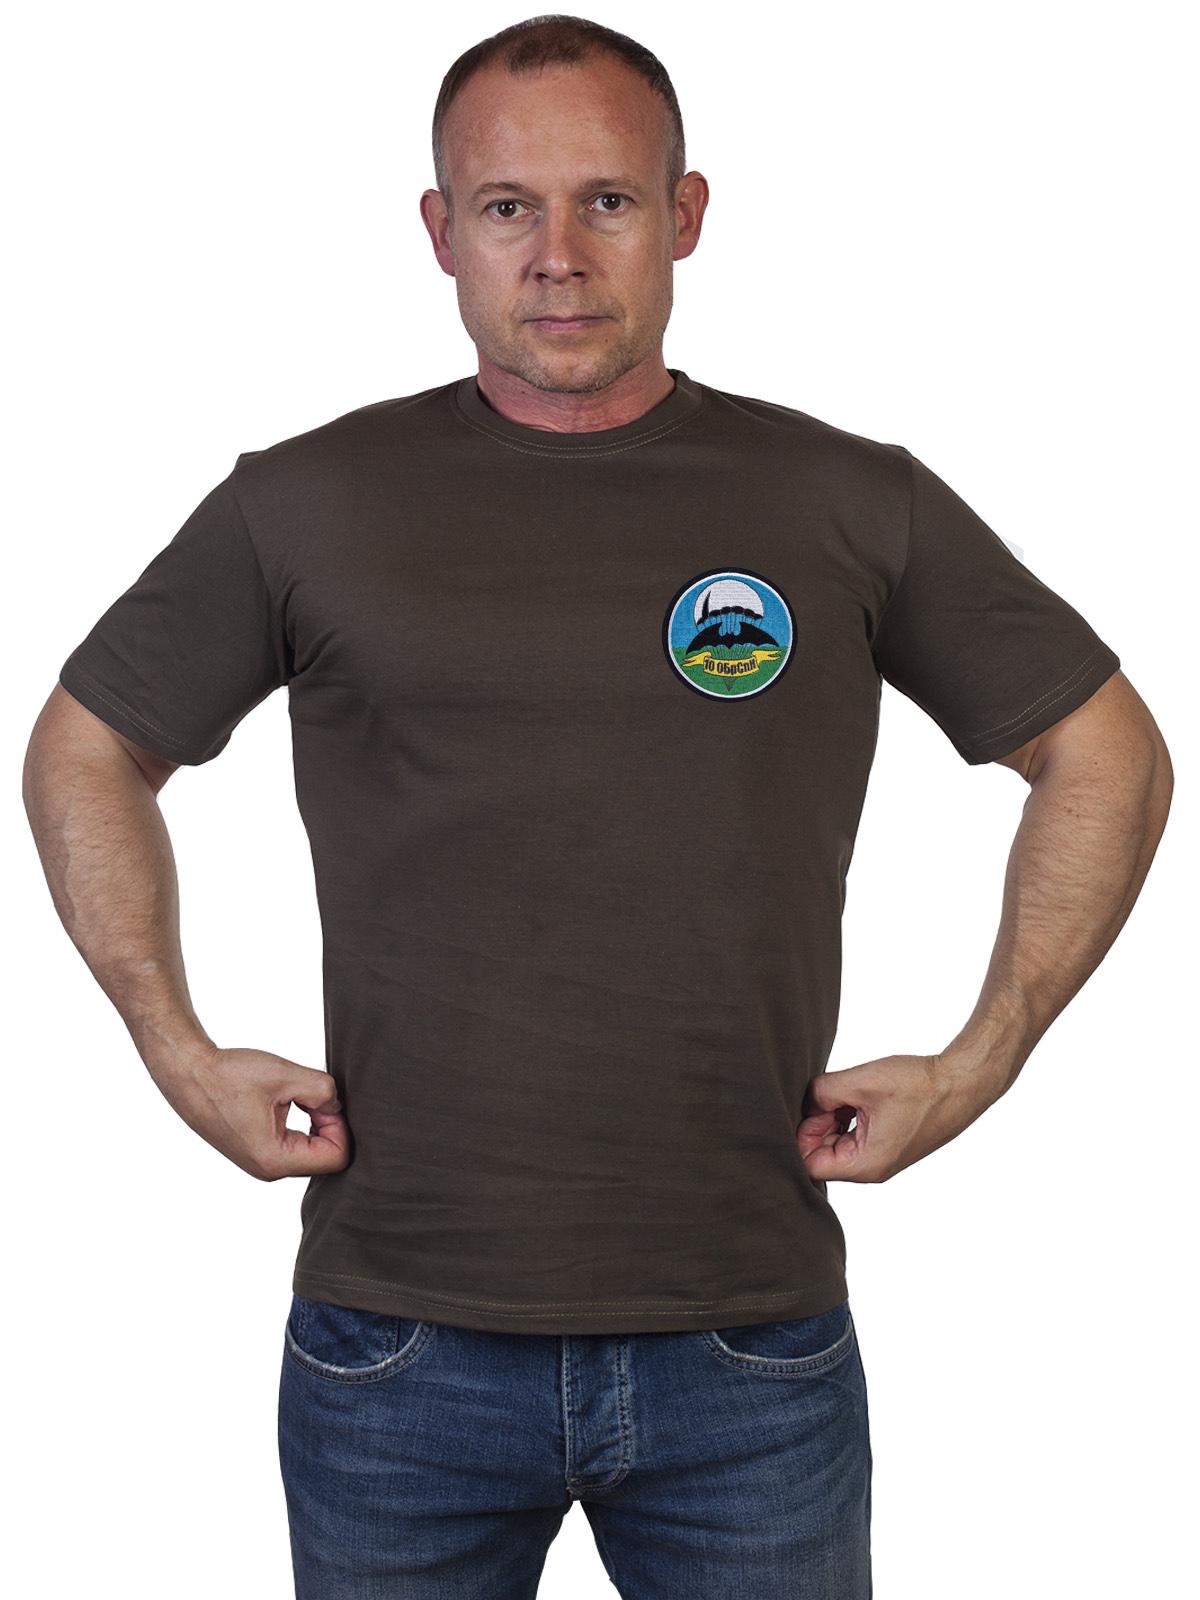 Недорогая мужская футболка 10 ОБрСпН